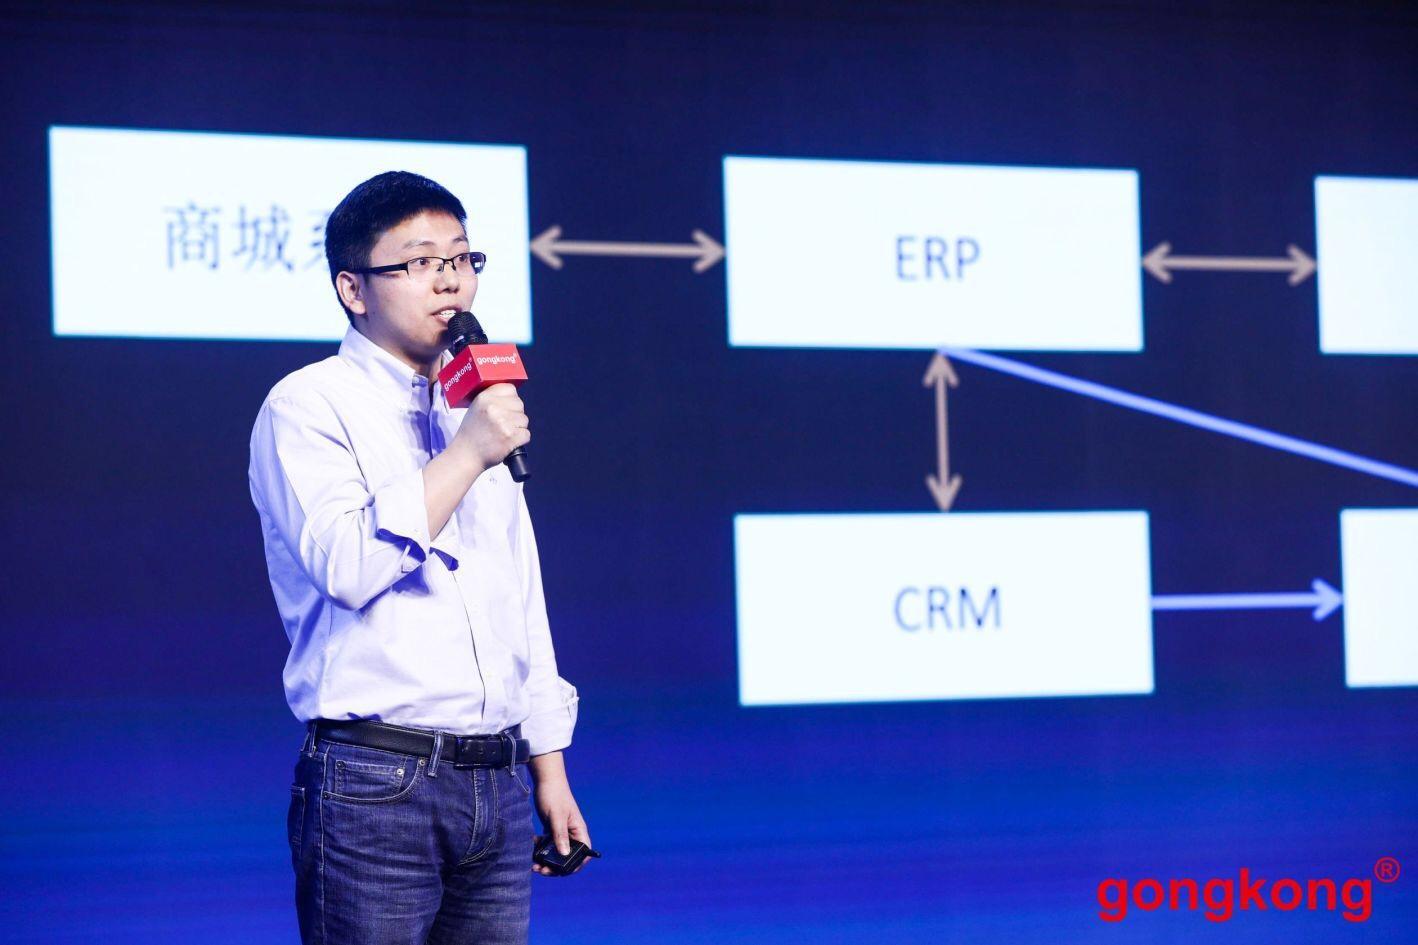 工业领域分销及供应链管理的数字化解决方案